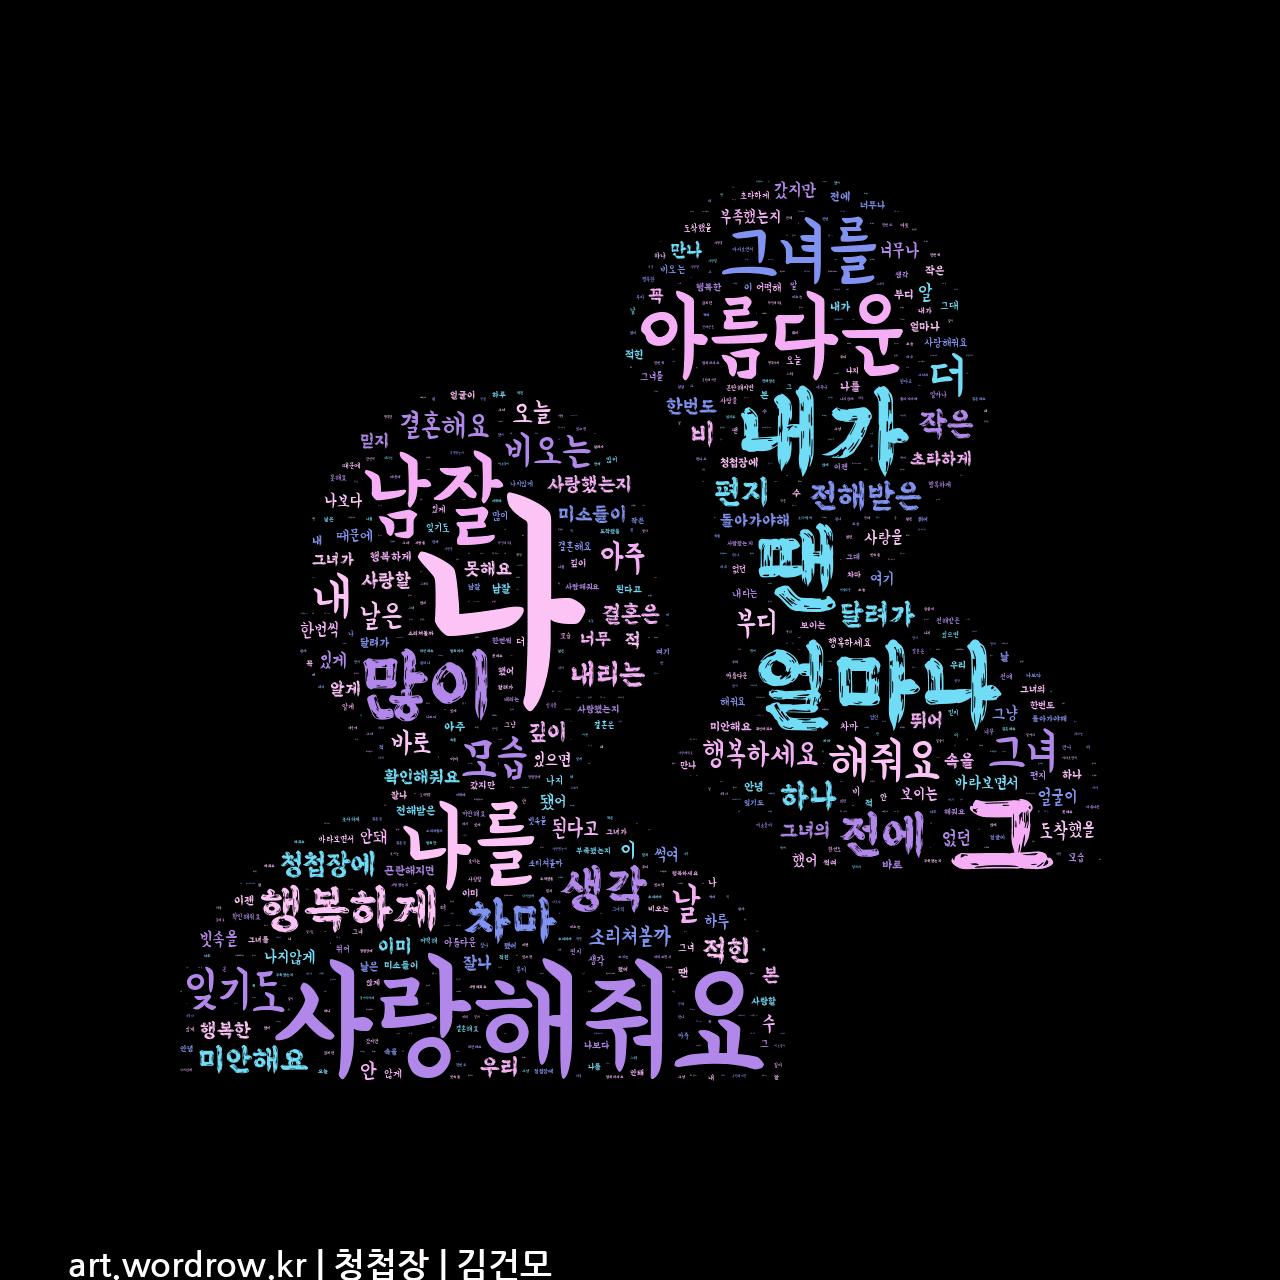 워드 클라우드: 청첩장 [김건모]-10